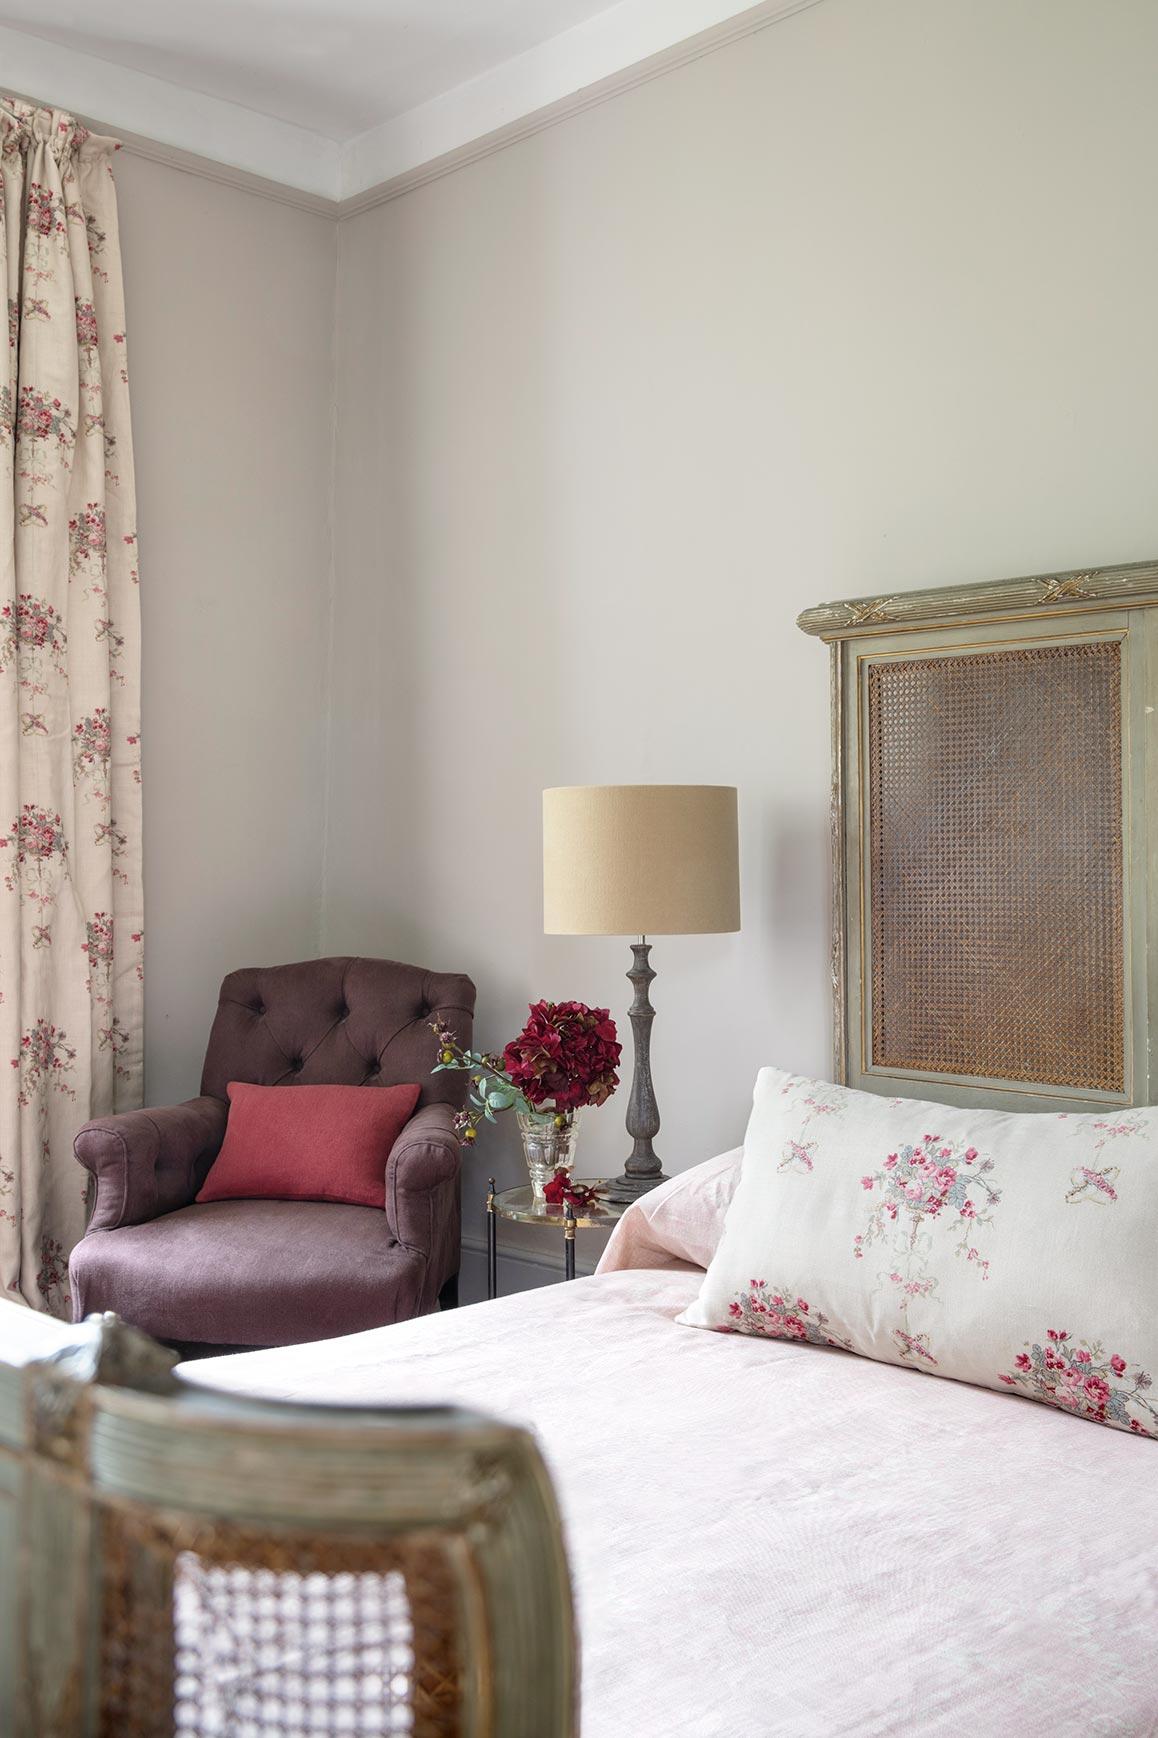 Isobella Cushion & Curtain